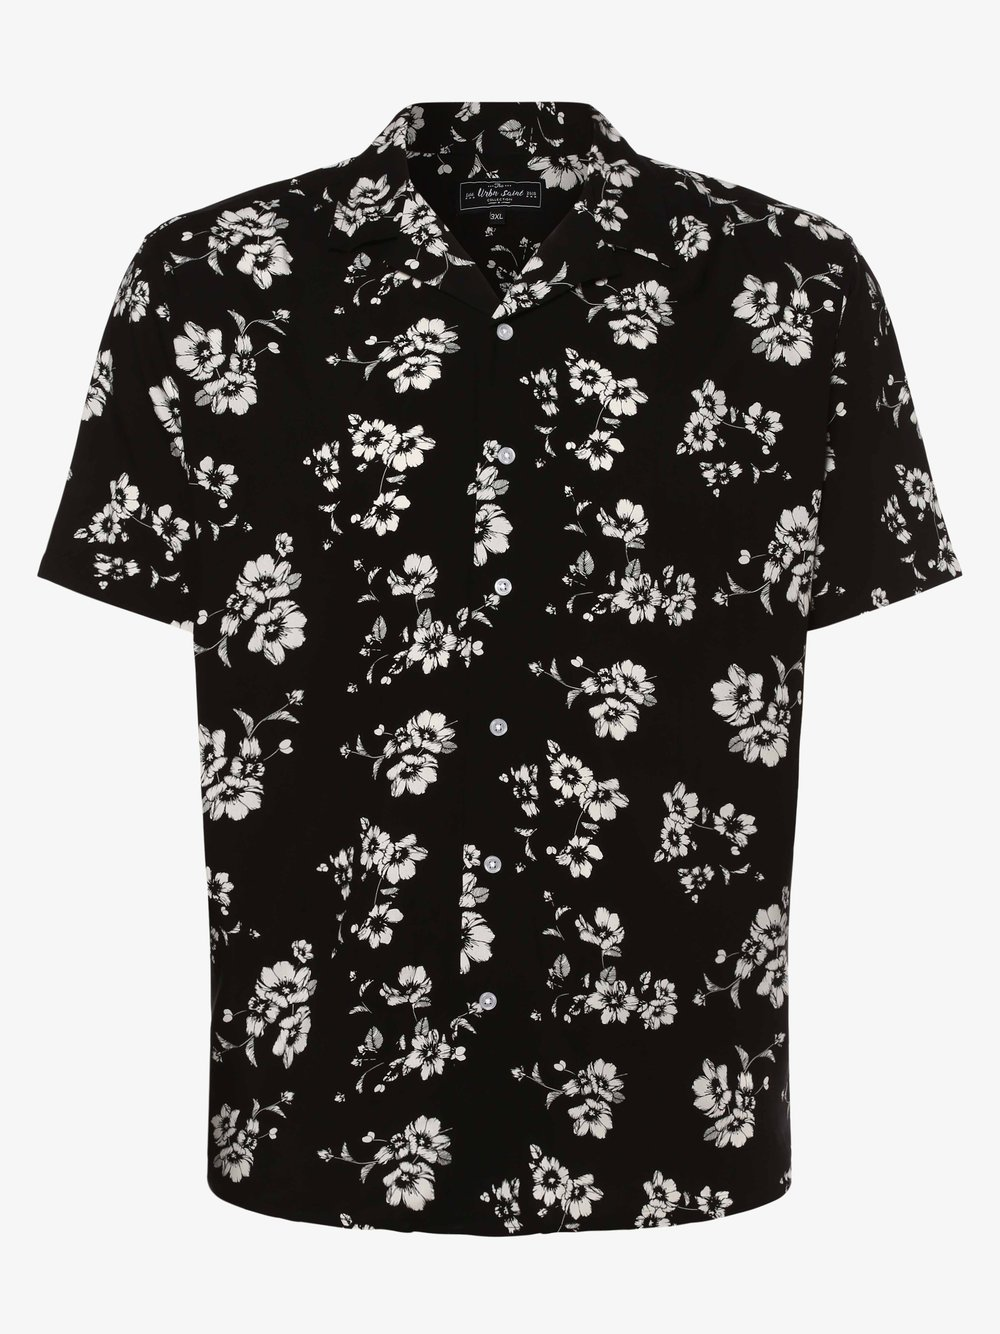 URBN SAINT – Koszula męska – USLake, czarny Van Graaf 469724-0003-09996